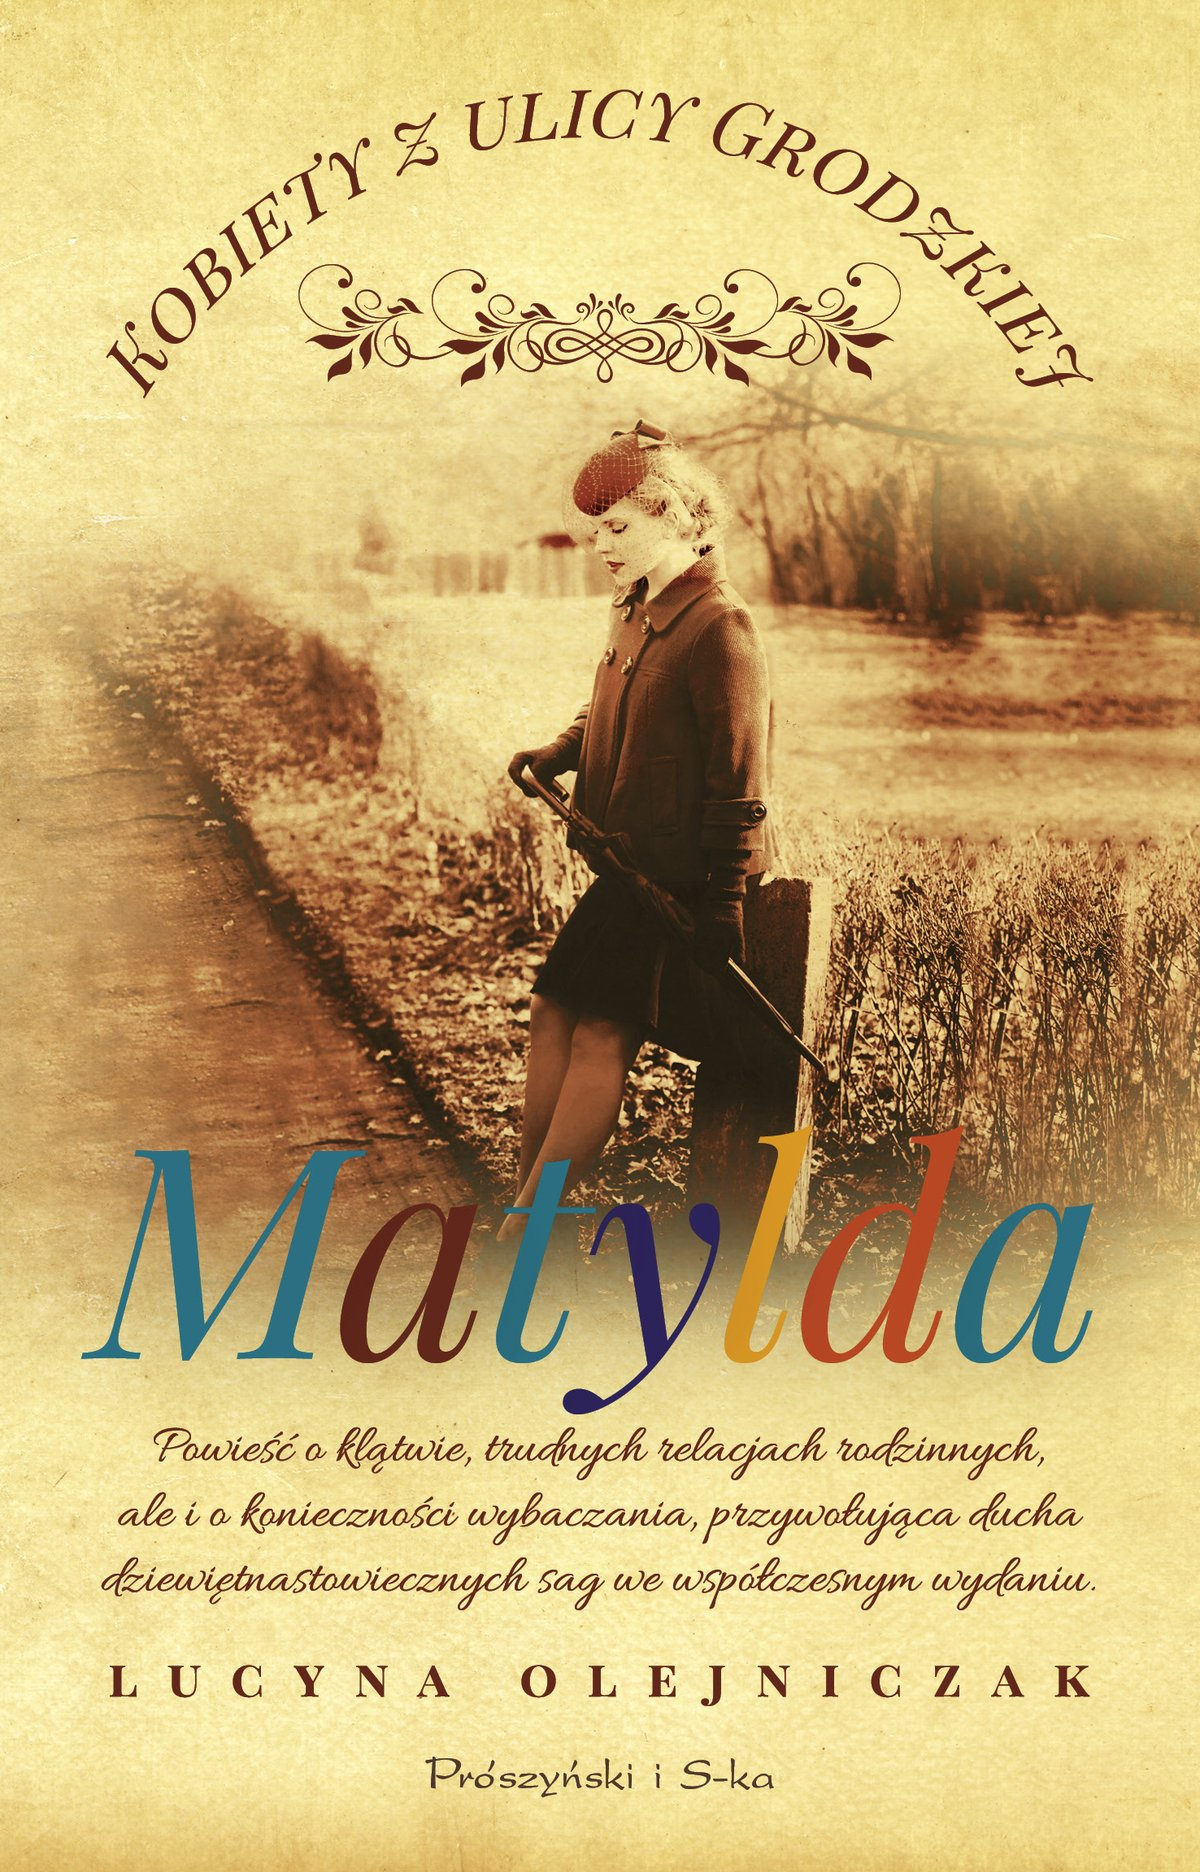 Kobiety z ulicy Grodzkiej. Matylda - Ebook (Książka na Kindle) do pobrania w formacie MOBI